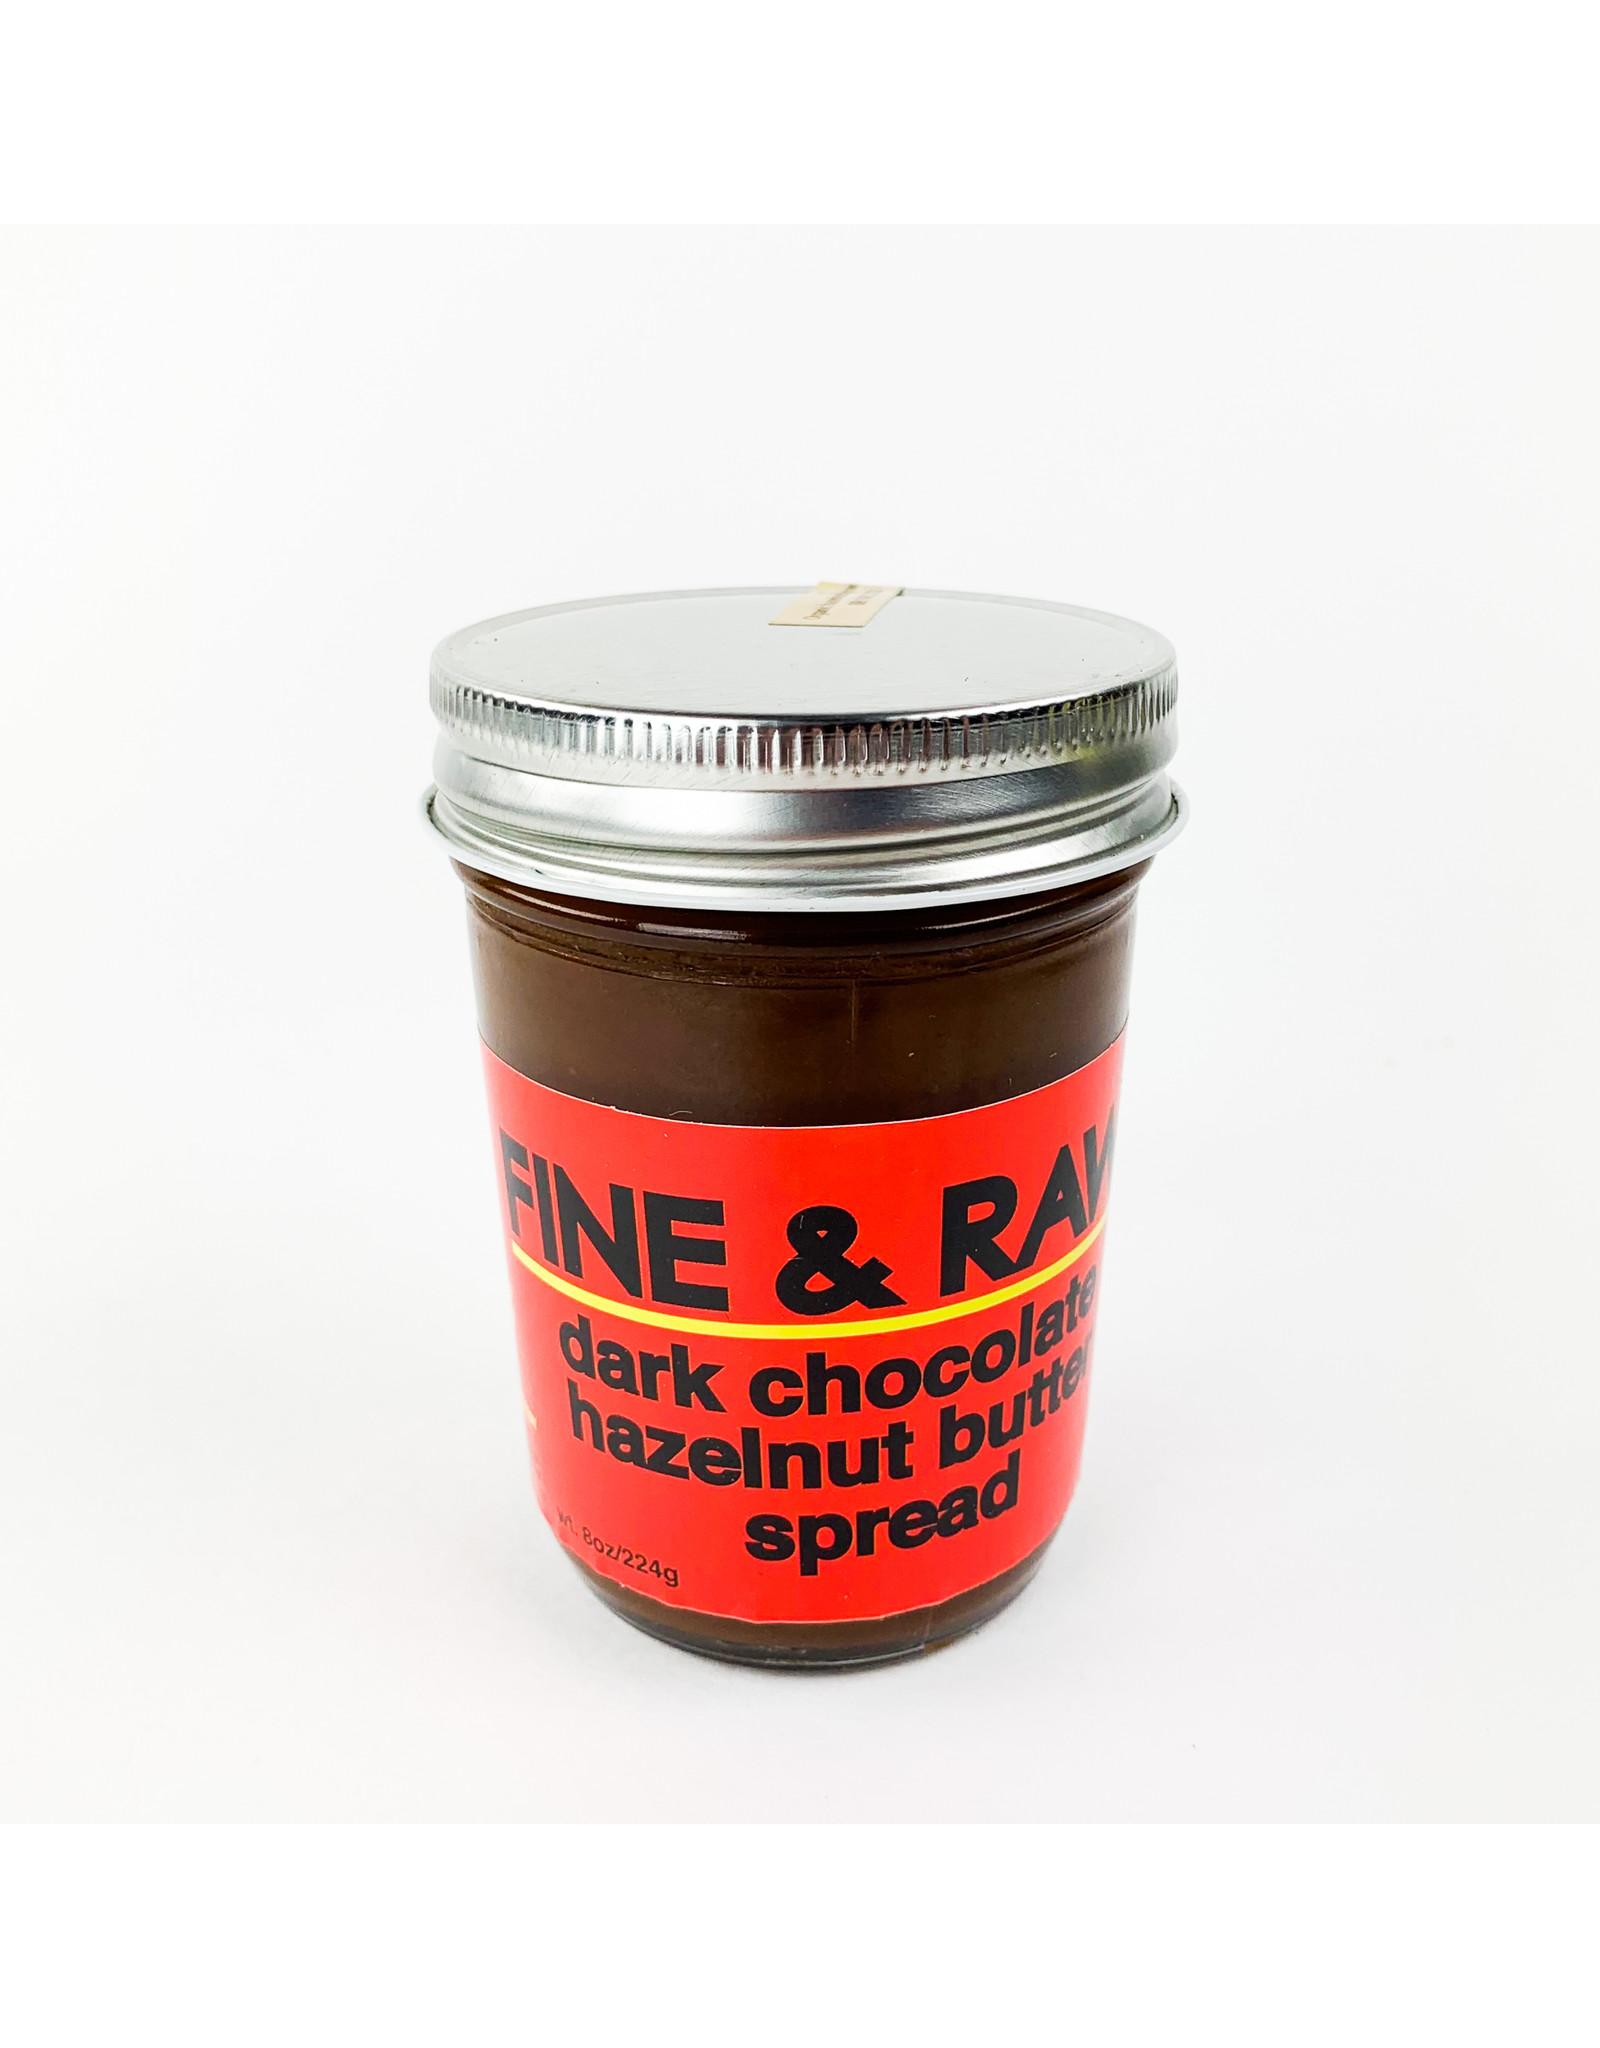 Fine and Raw Dark Chocolate Hazelnut Spread